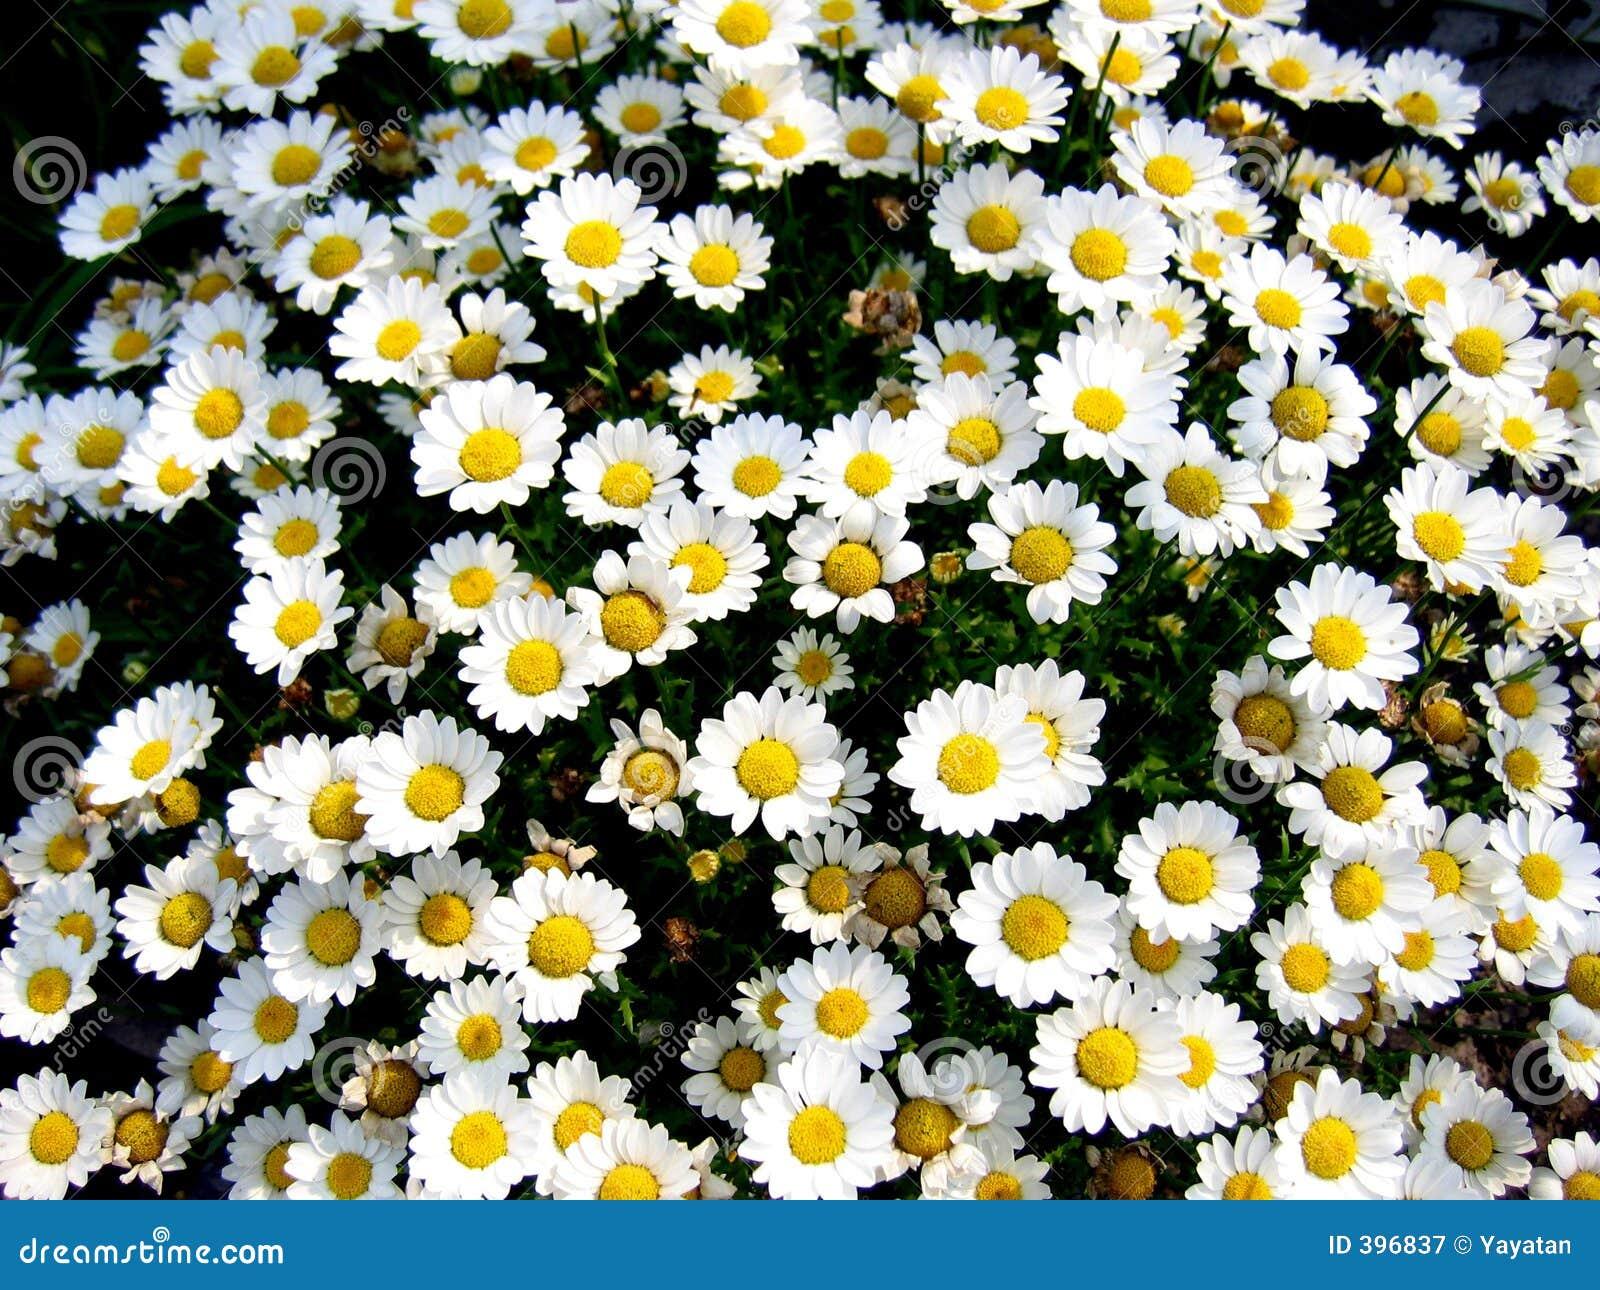 Flower bed full of white daisies.